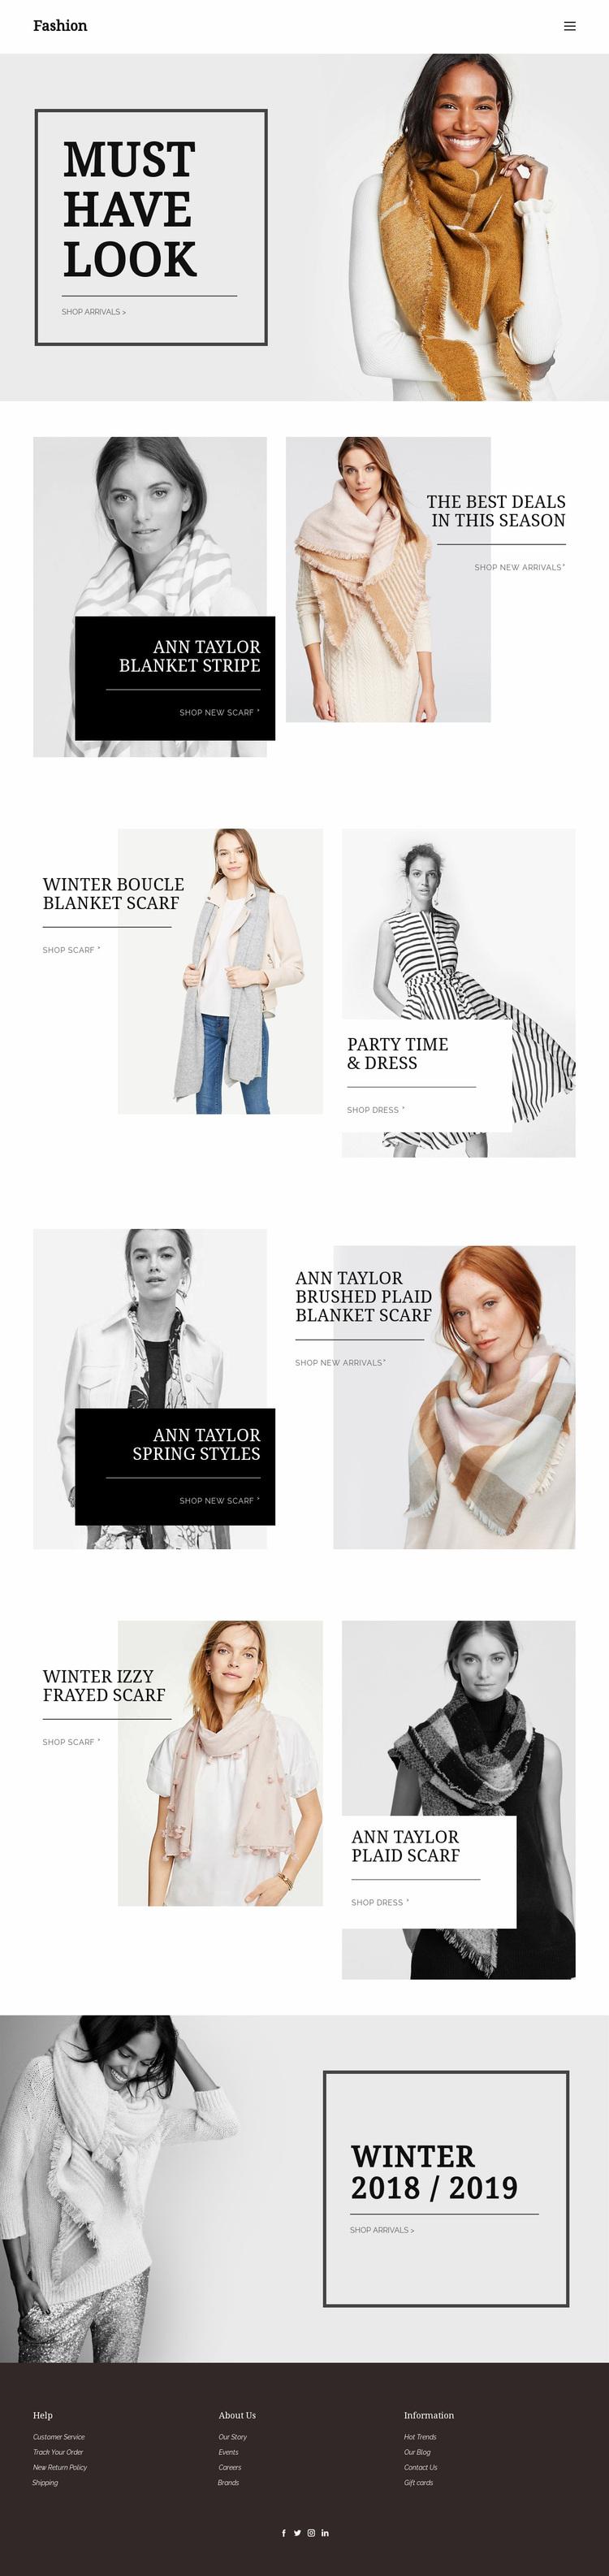 Personal shopper service Web Page Designer